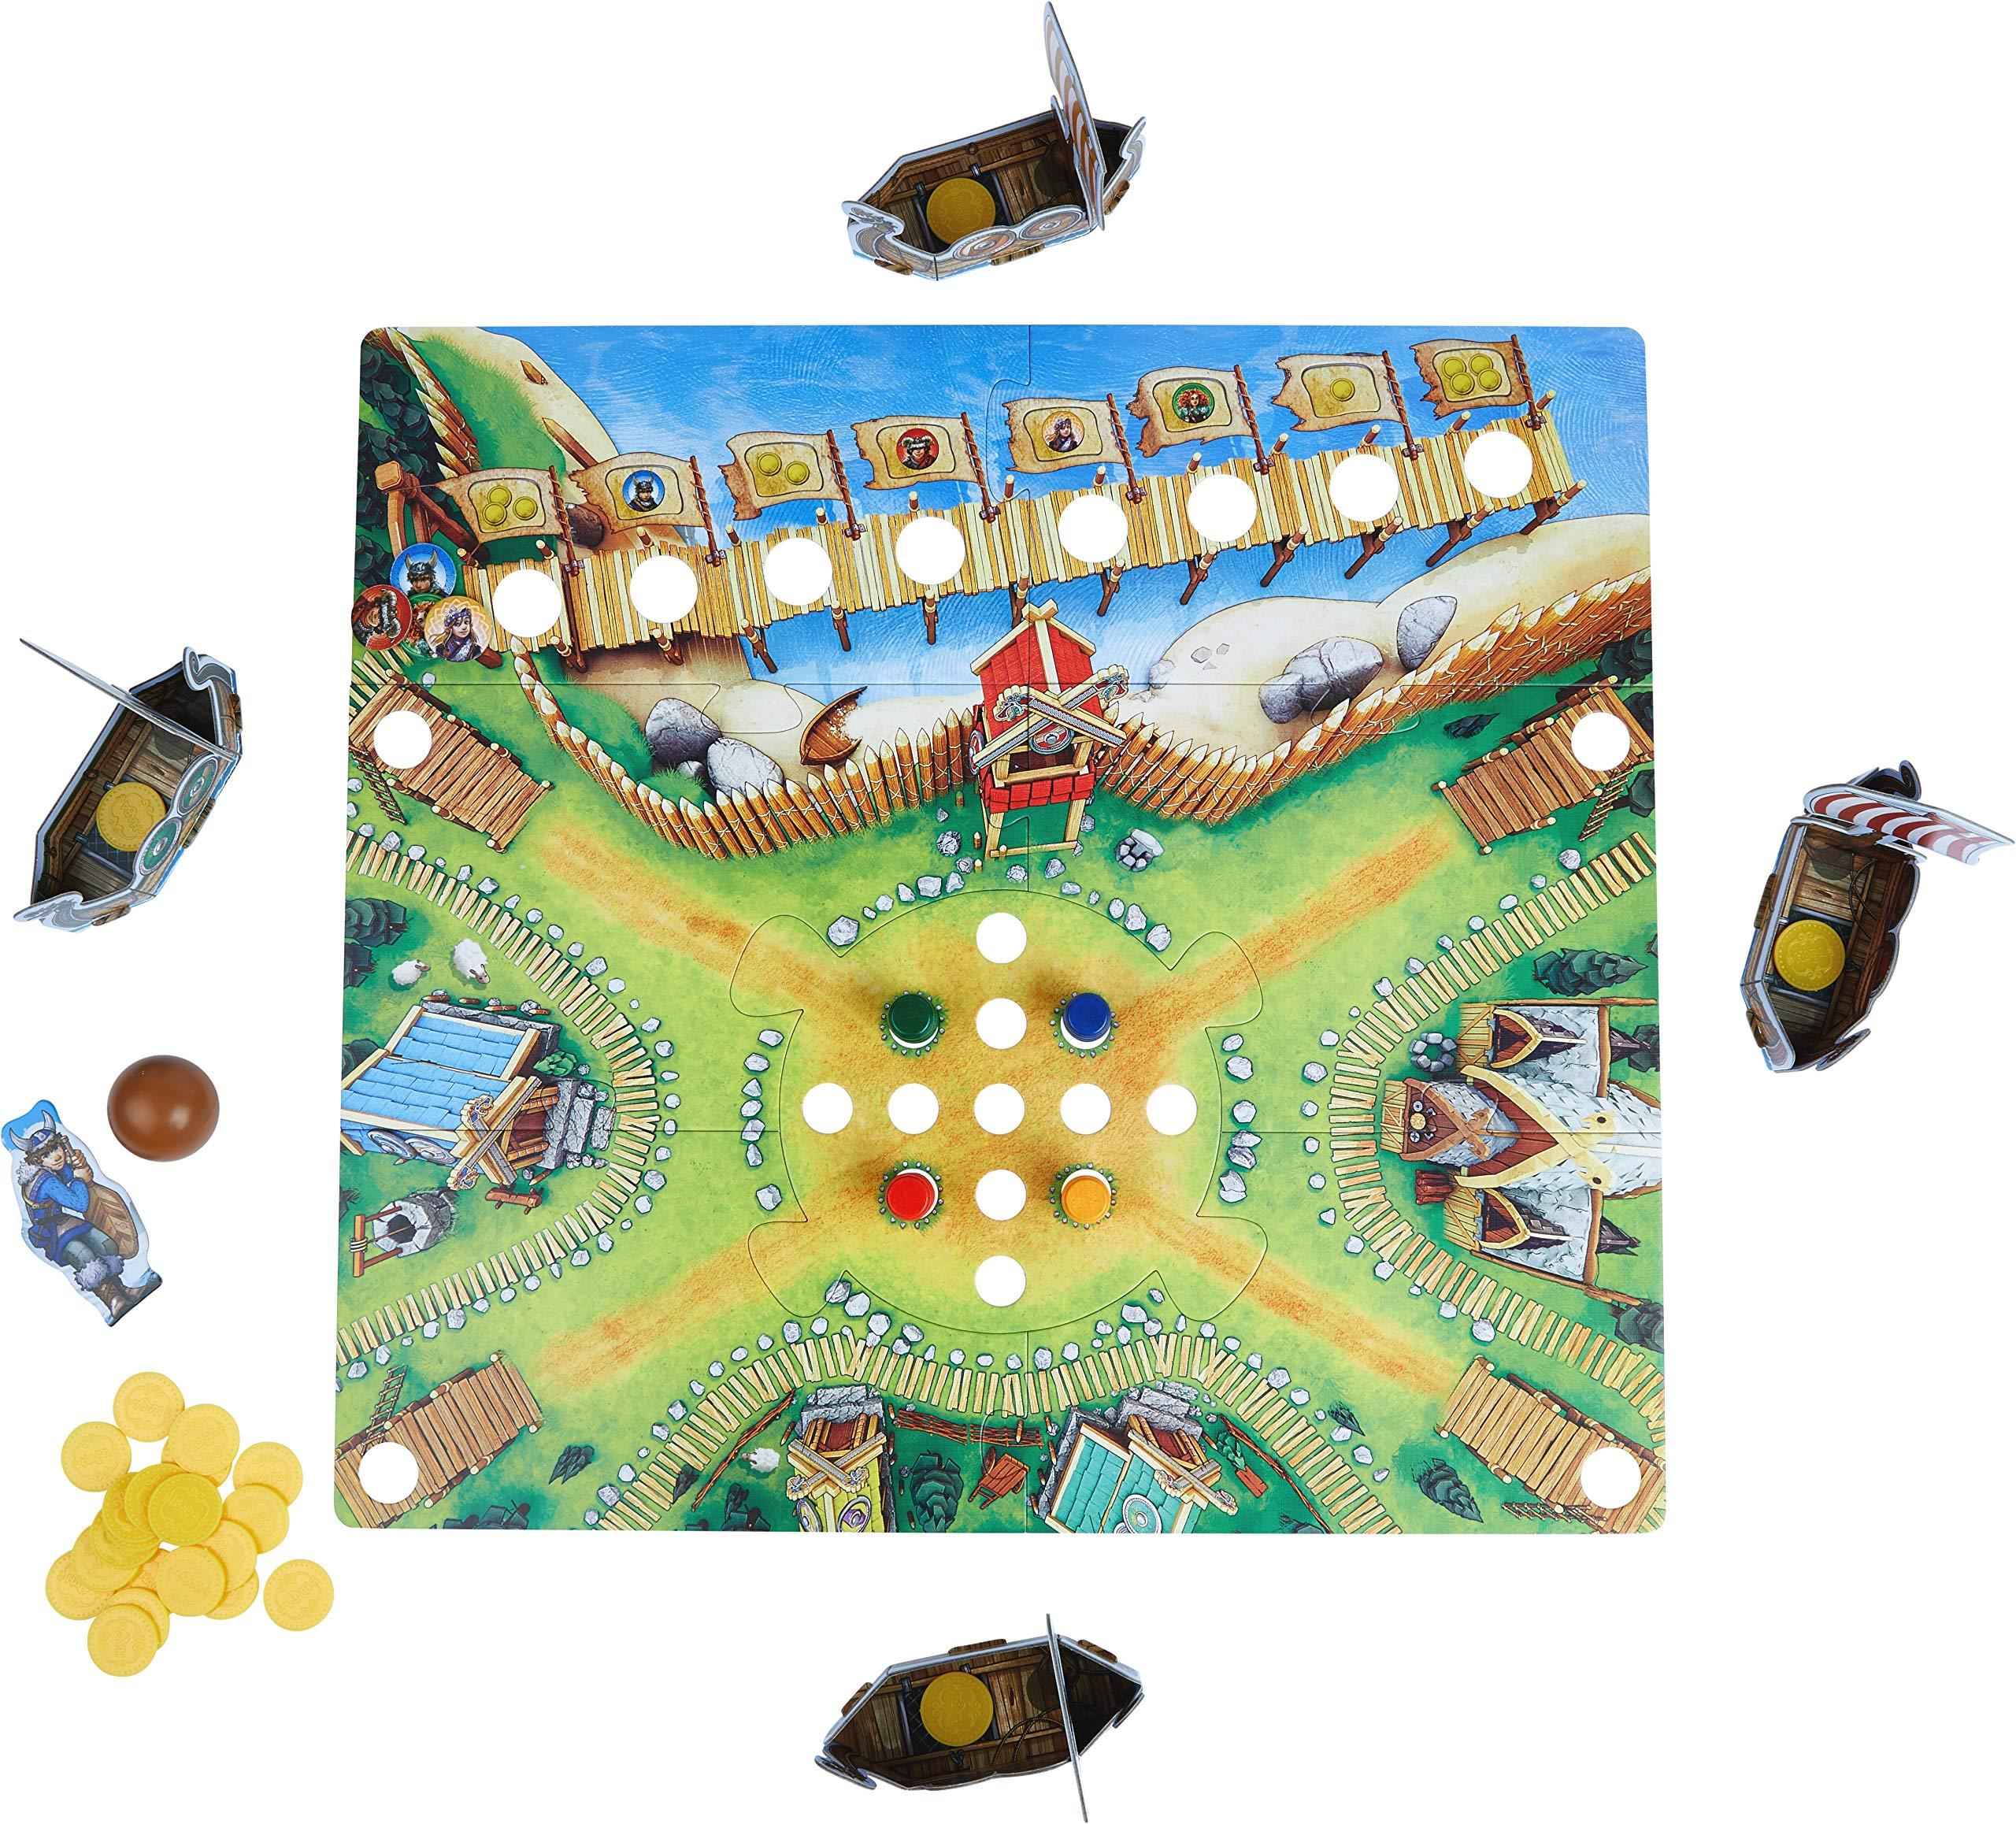 HABA-304697-Tal-der-Wikinger-Kinderspiel-des-Jahres-2019-Spiel-ab-6-Jahren